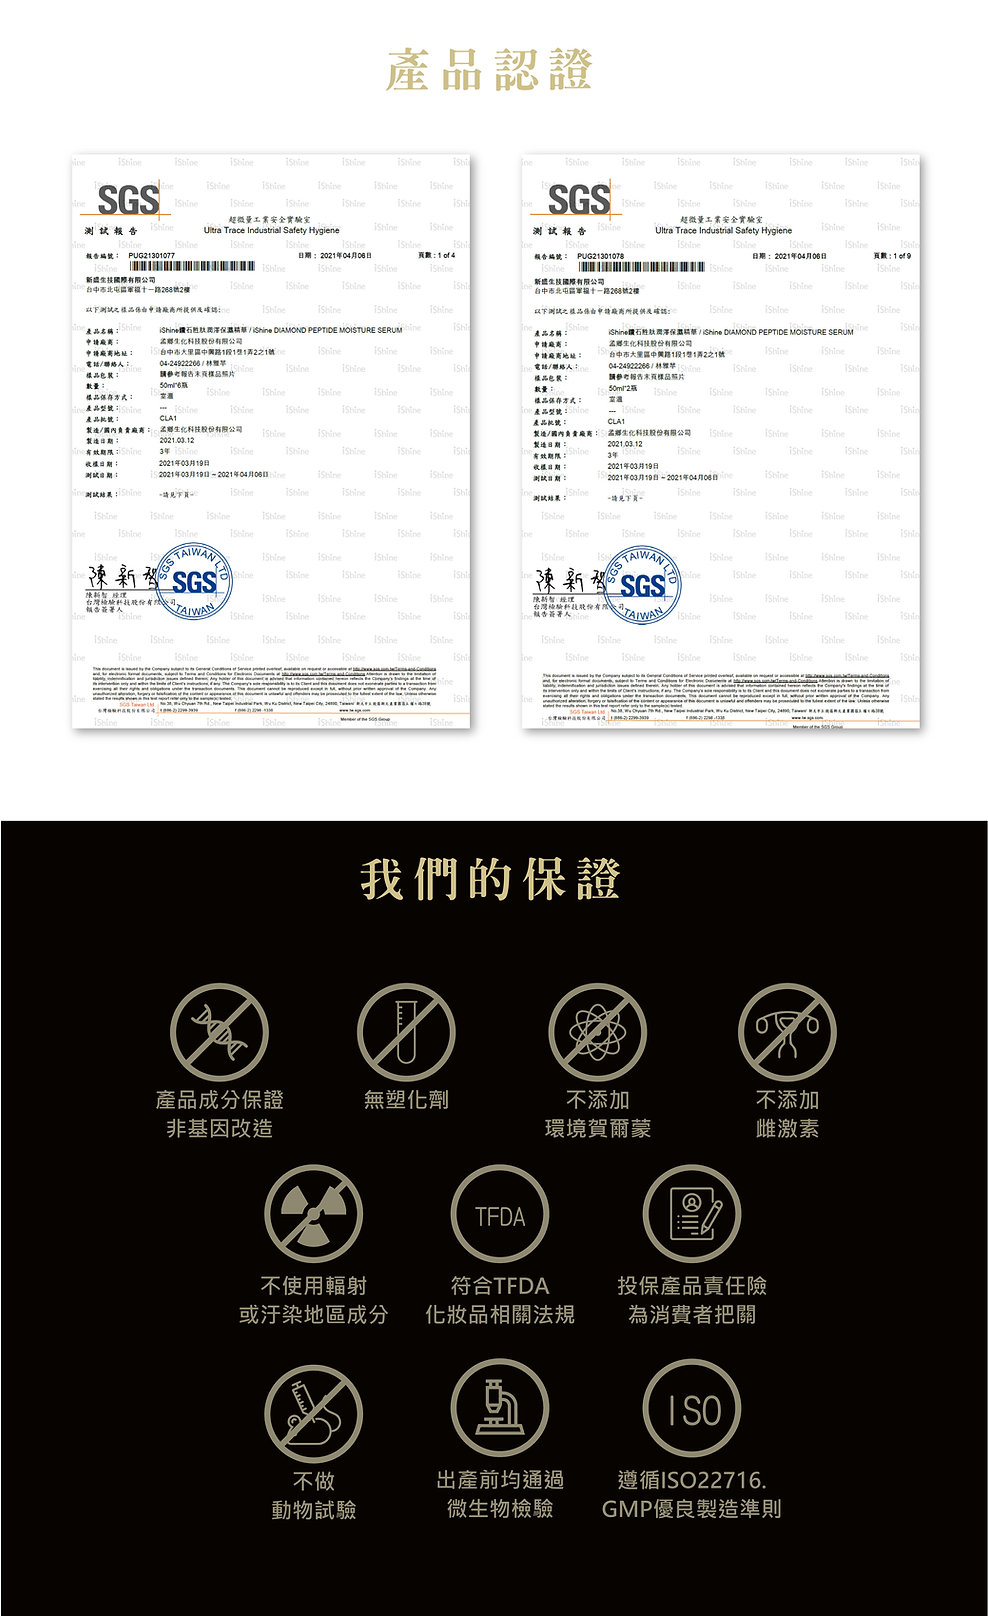 鑽石胜肽潤澤保濕精華LP_SGS-02.jpg